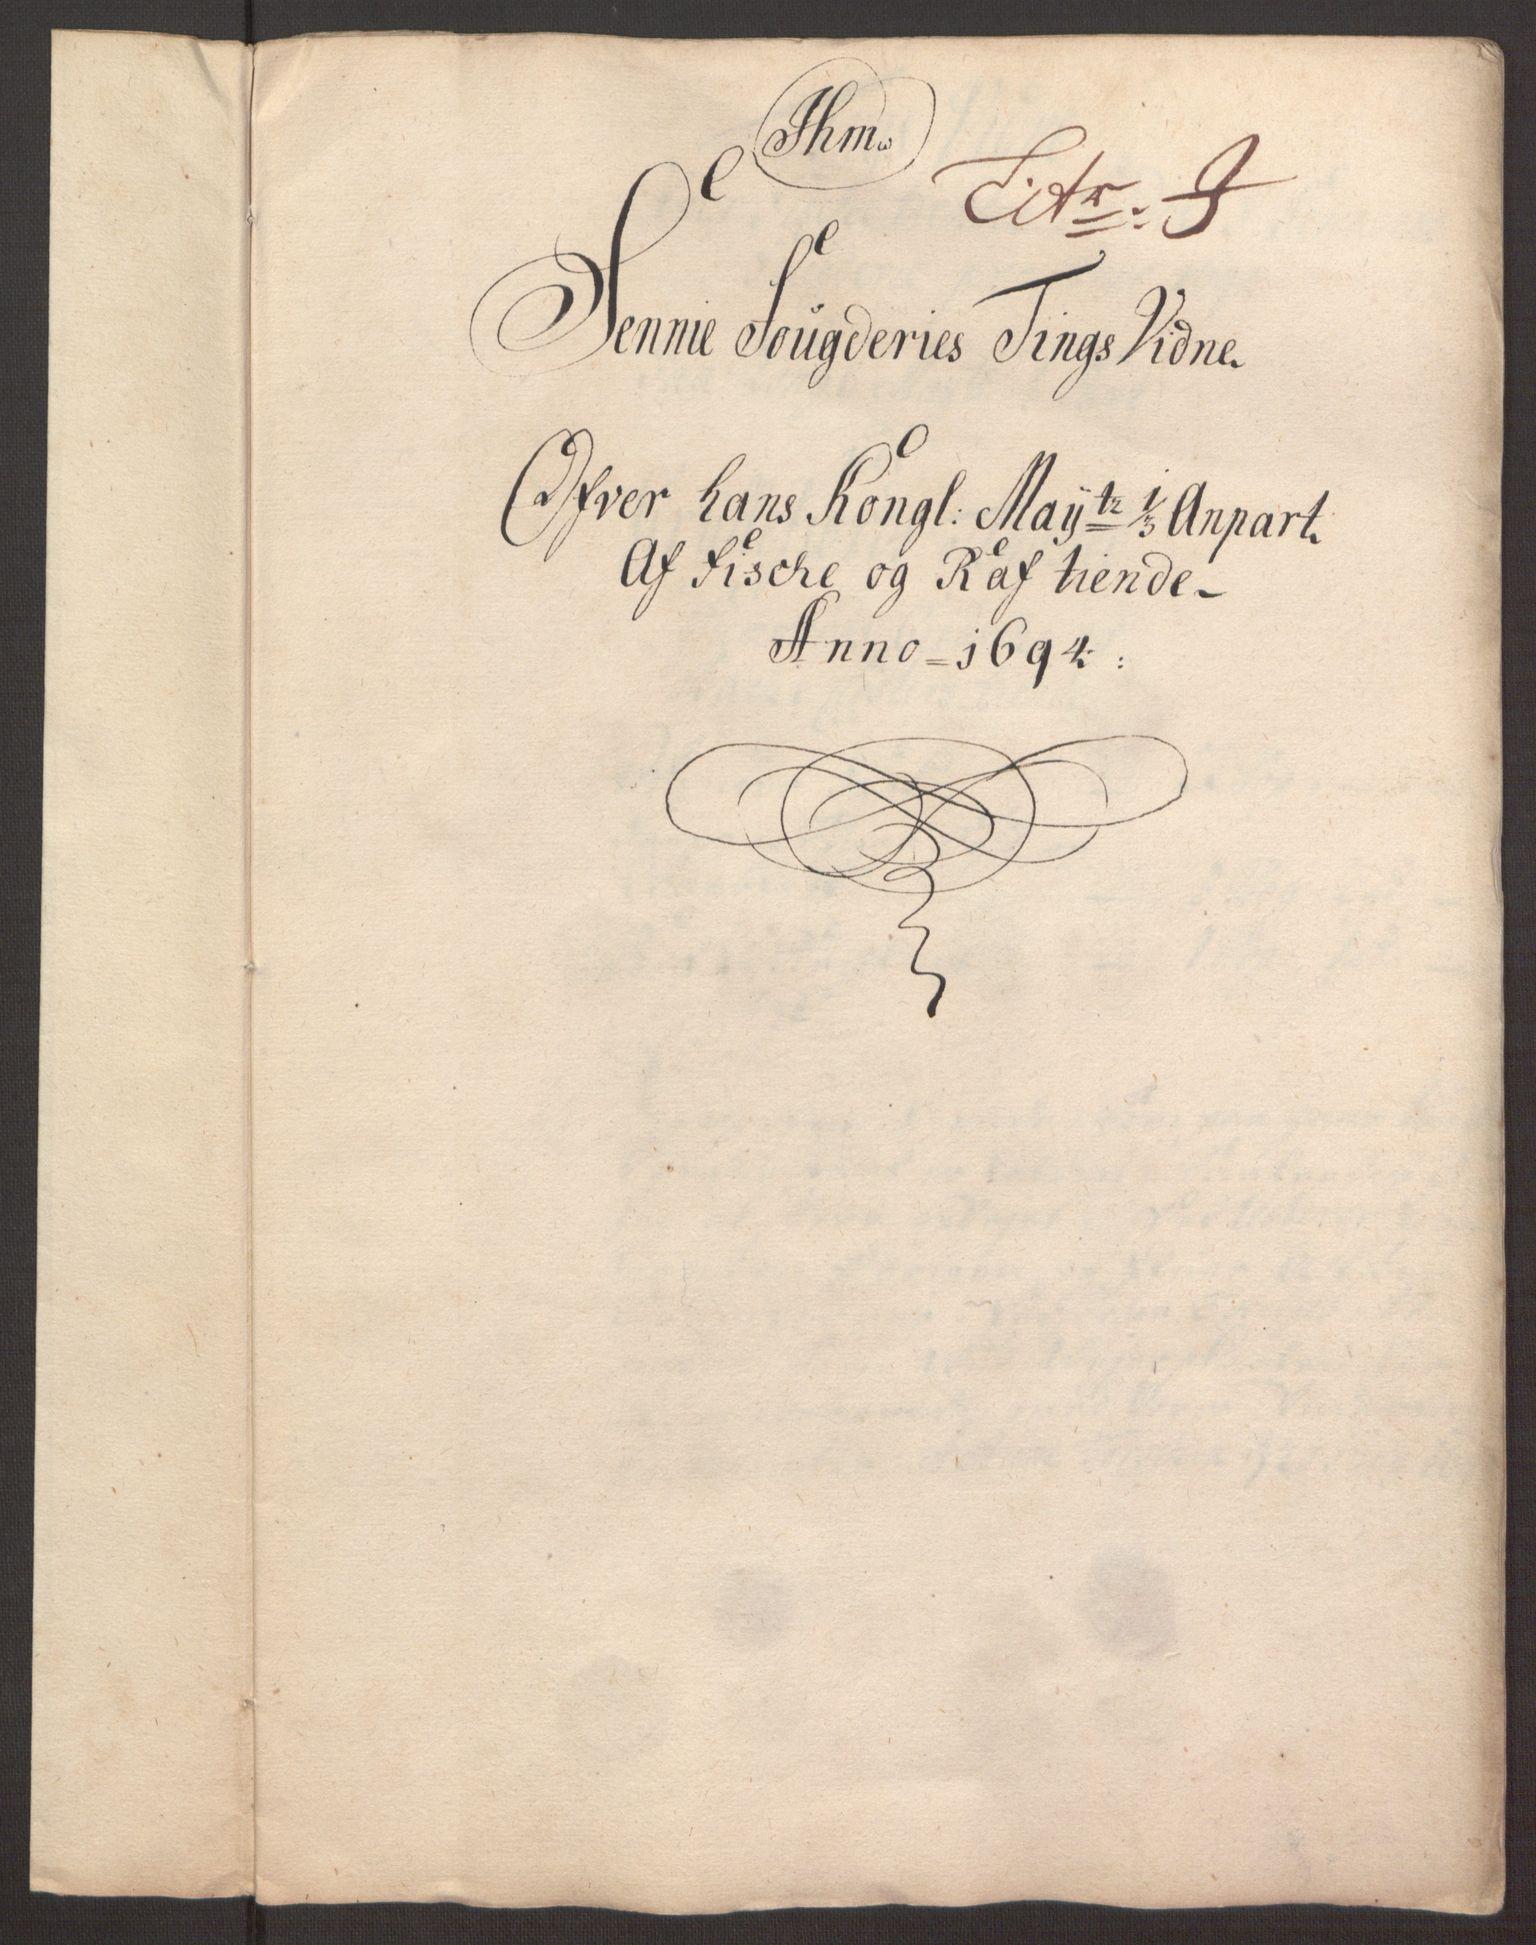 RA, Rentekammeret inntil 1814, Reviderte regnskaper, Fogderegnskap, R68/L4753: Fogderegnskap Senja og Troms, 1694-1696, s. 119